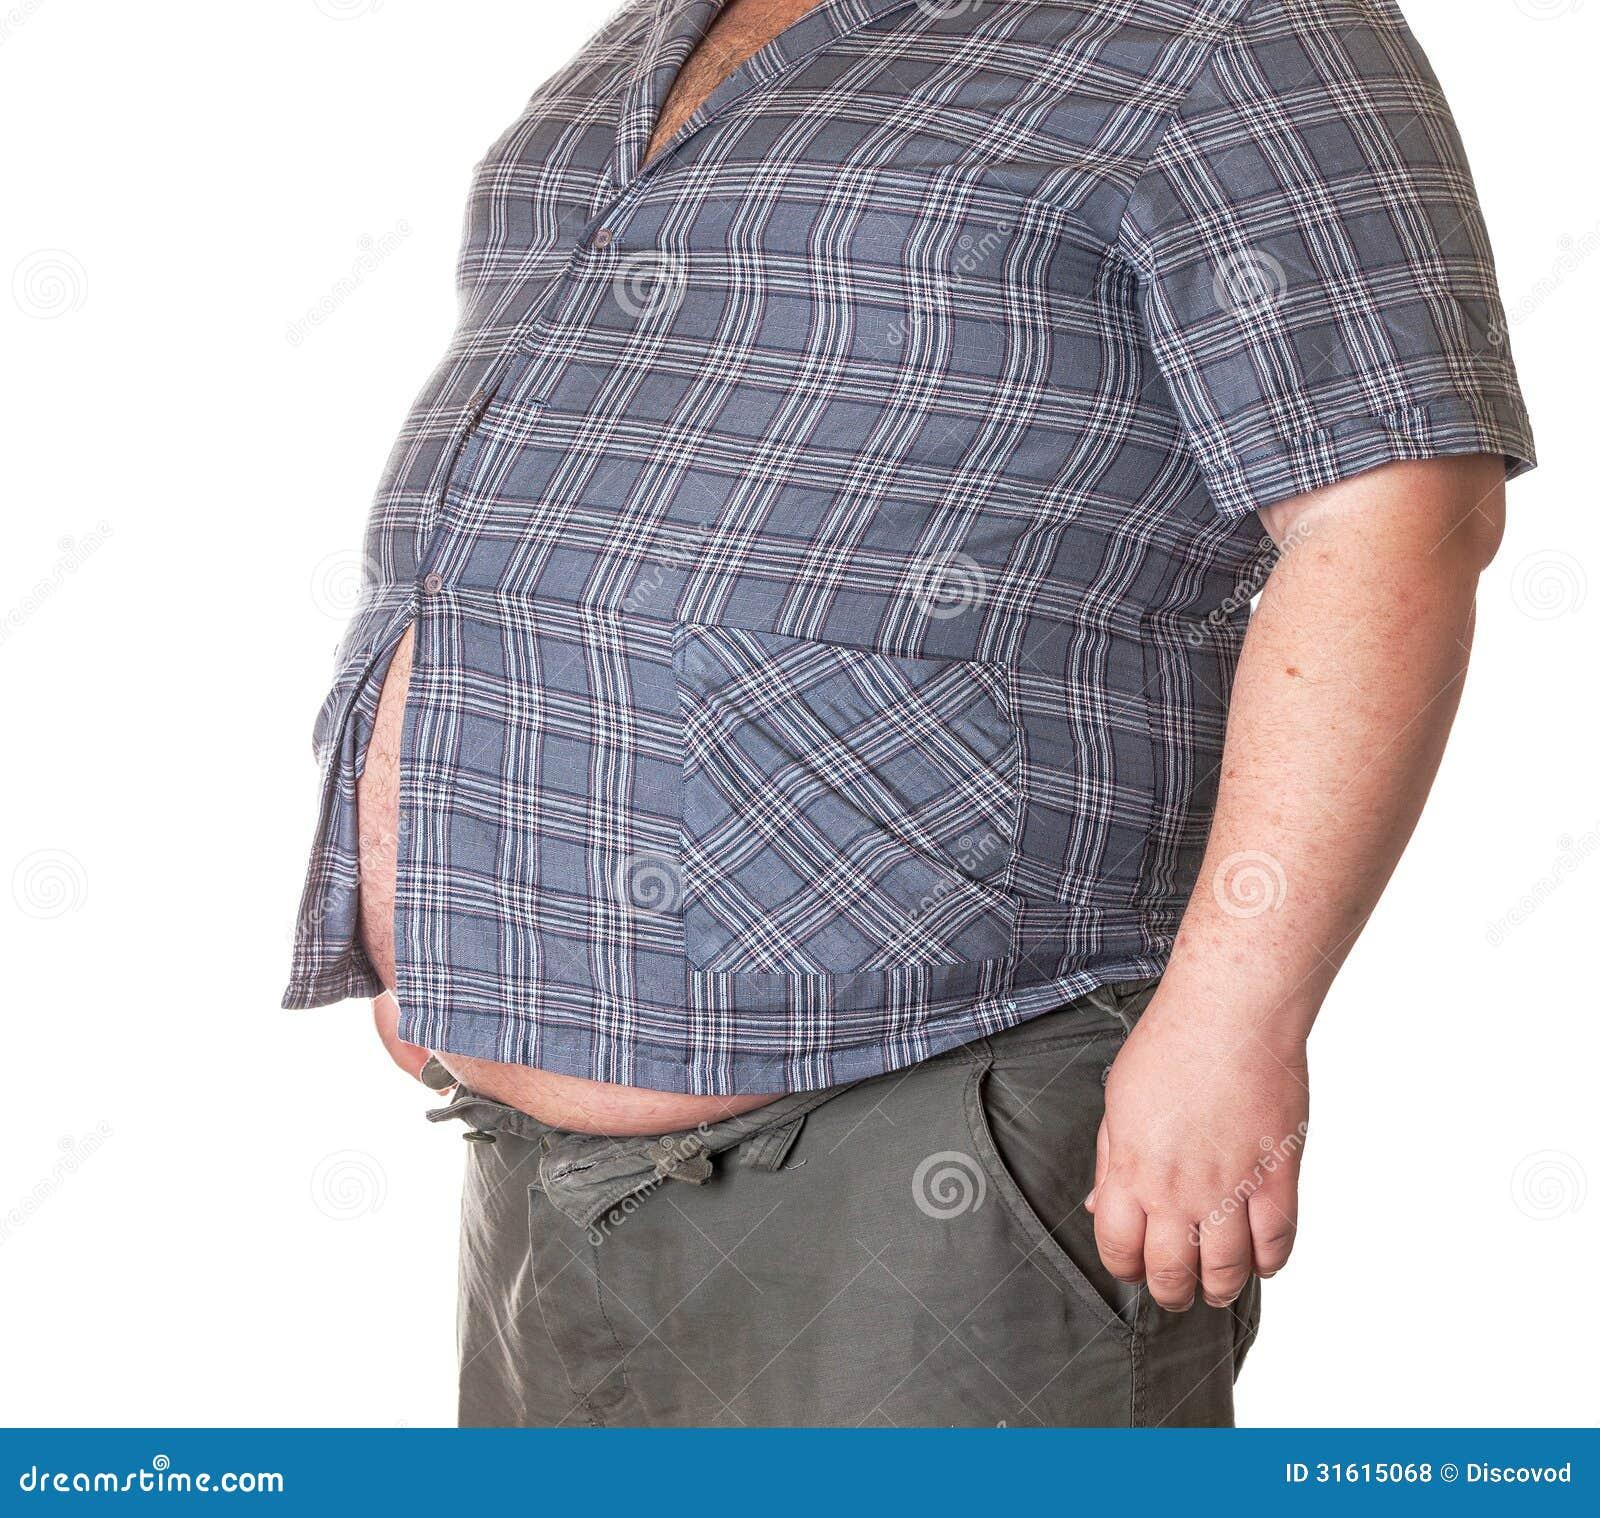 Толстушки с большими животами фото 25 фотография